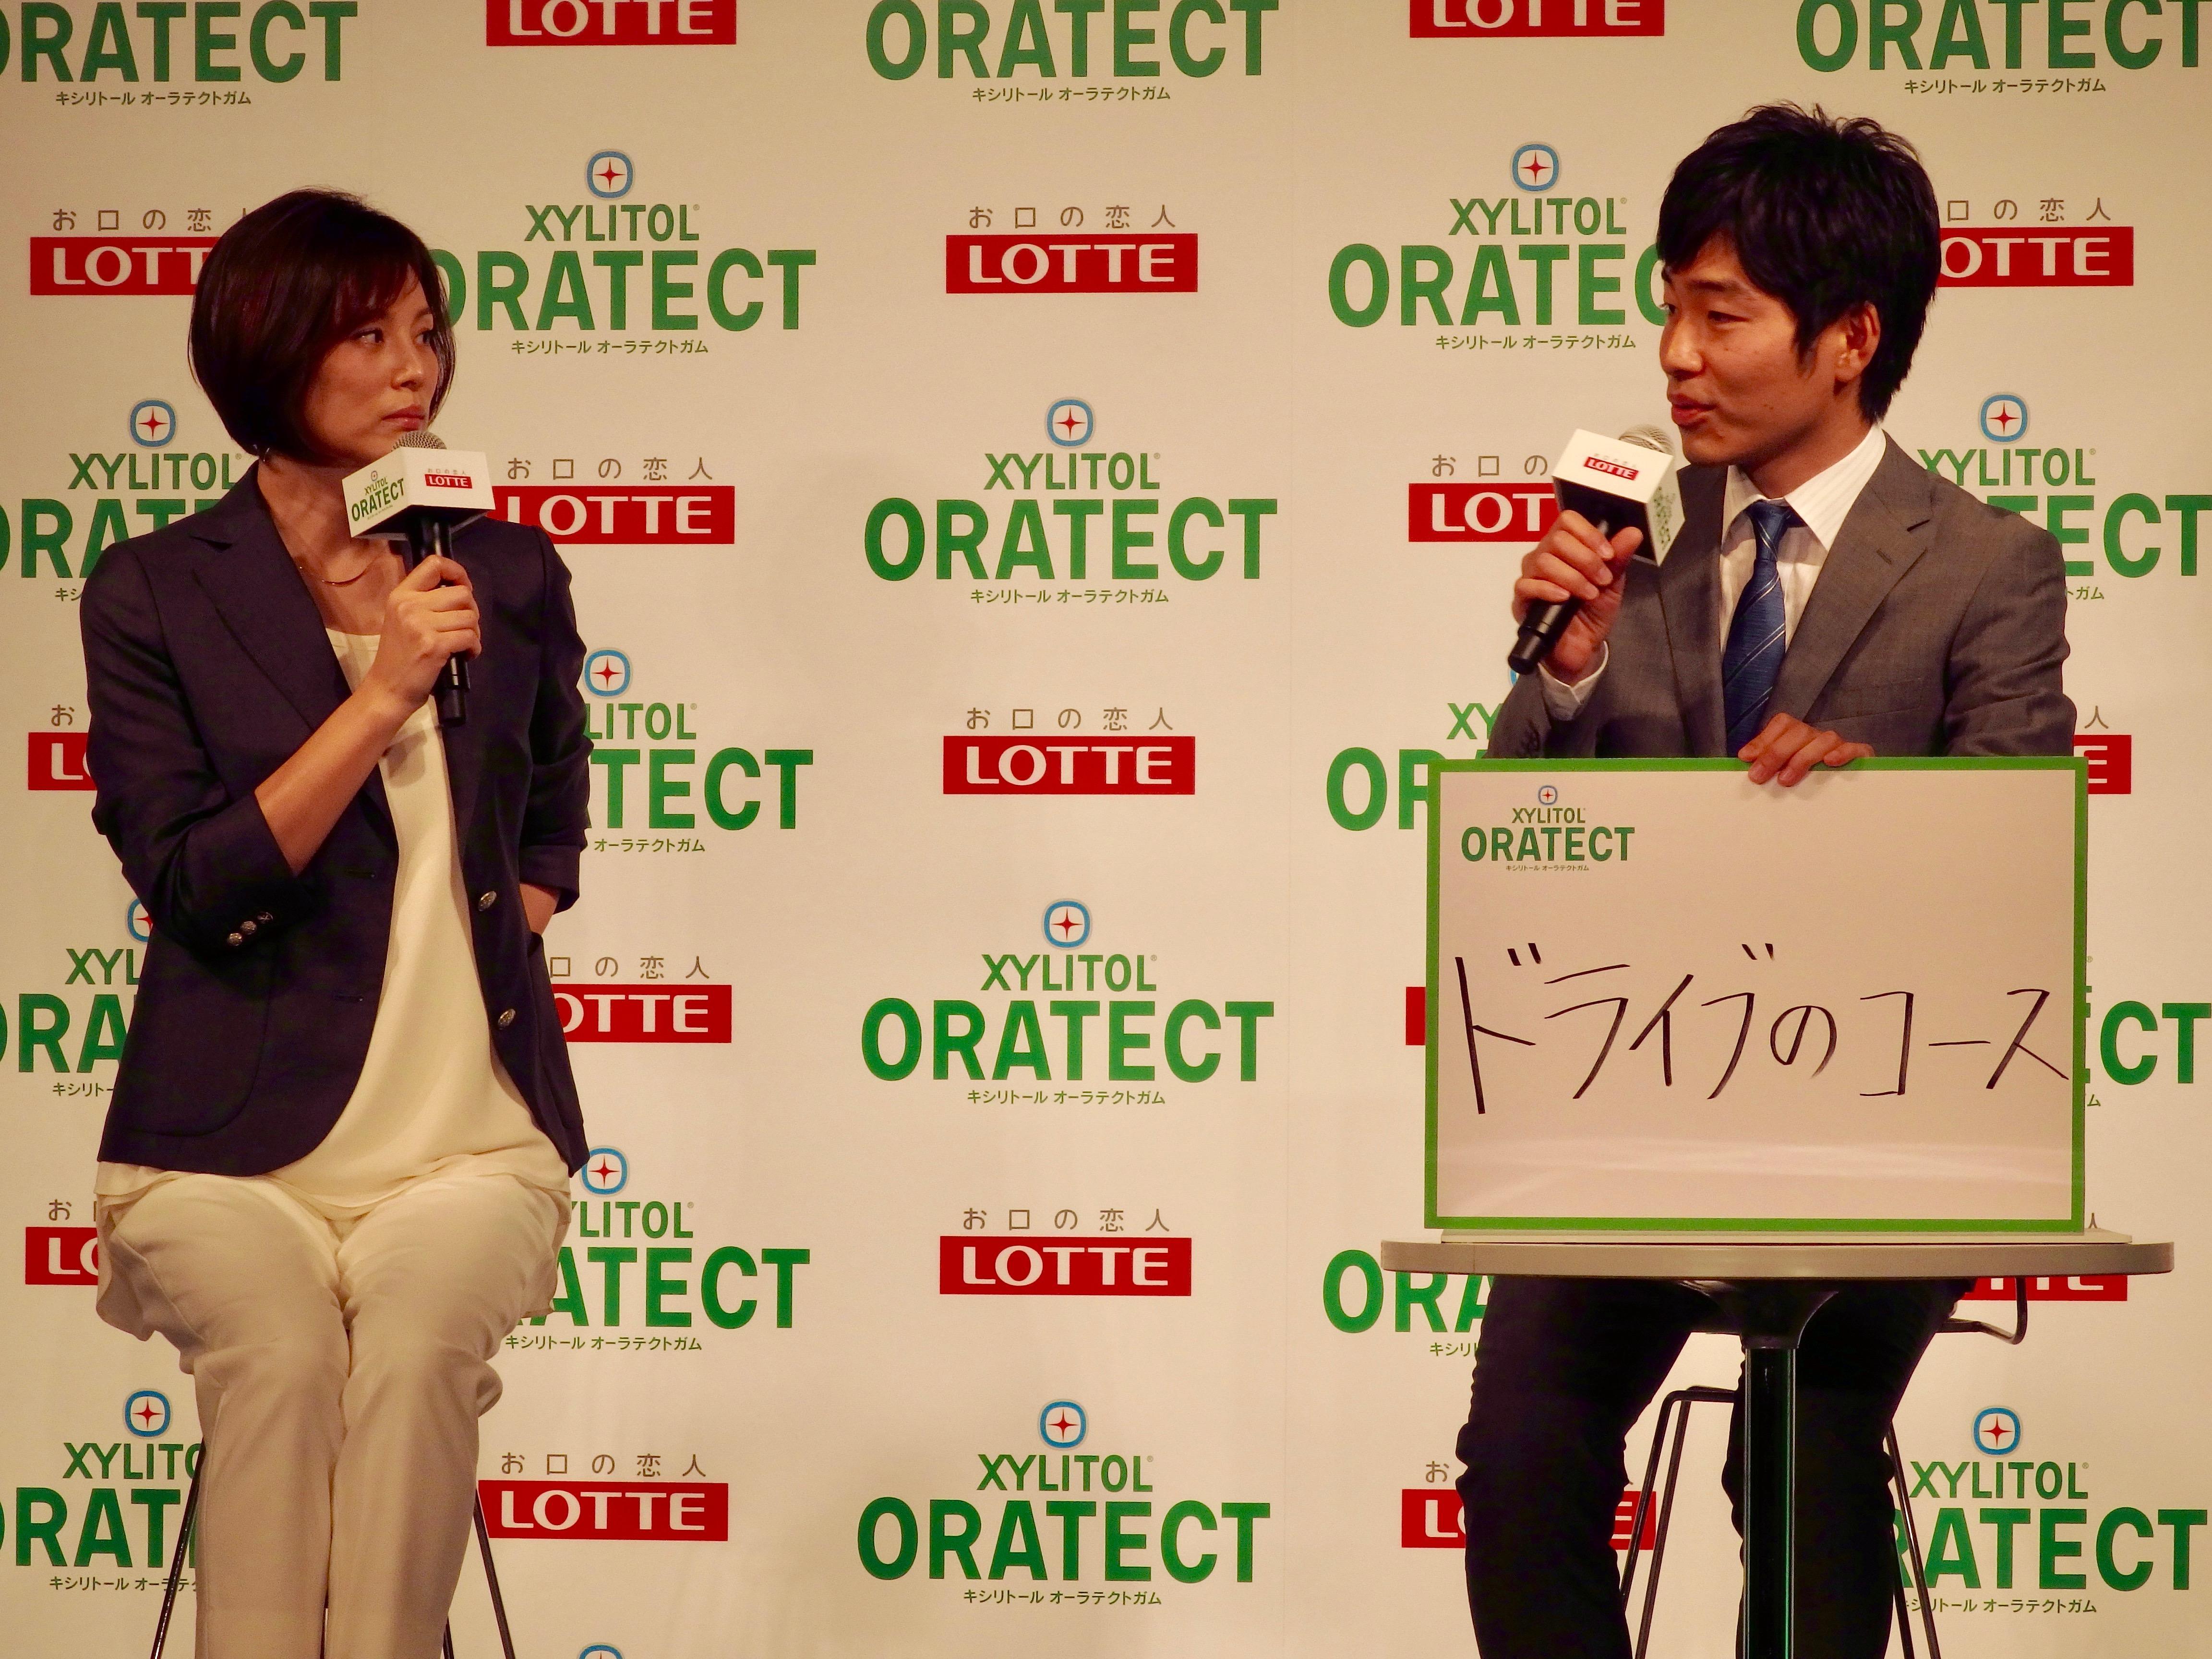 http://news.yoshimoto.co.jp/20170314202316-bbae807c3a5951abd10e465f8f83219f71198a3d.jpg